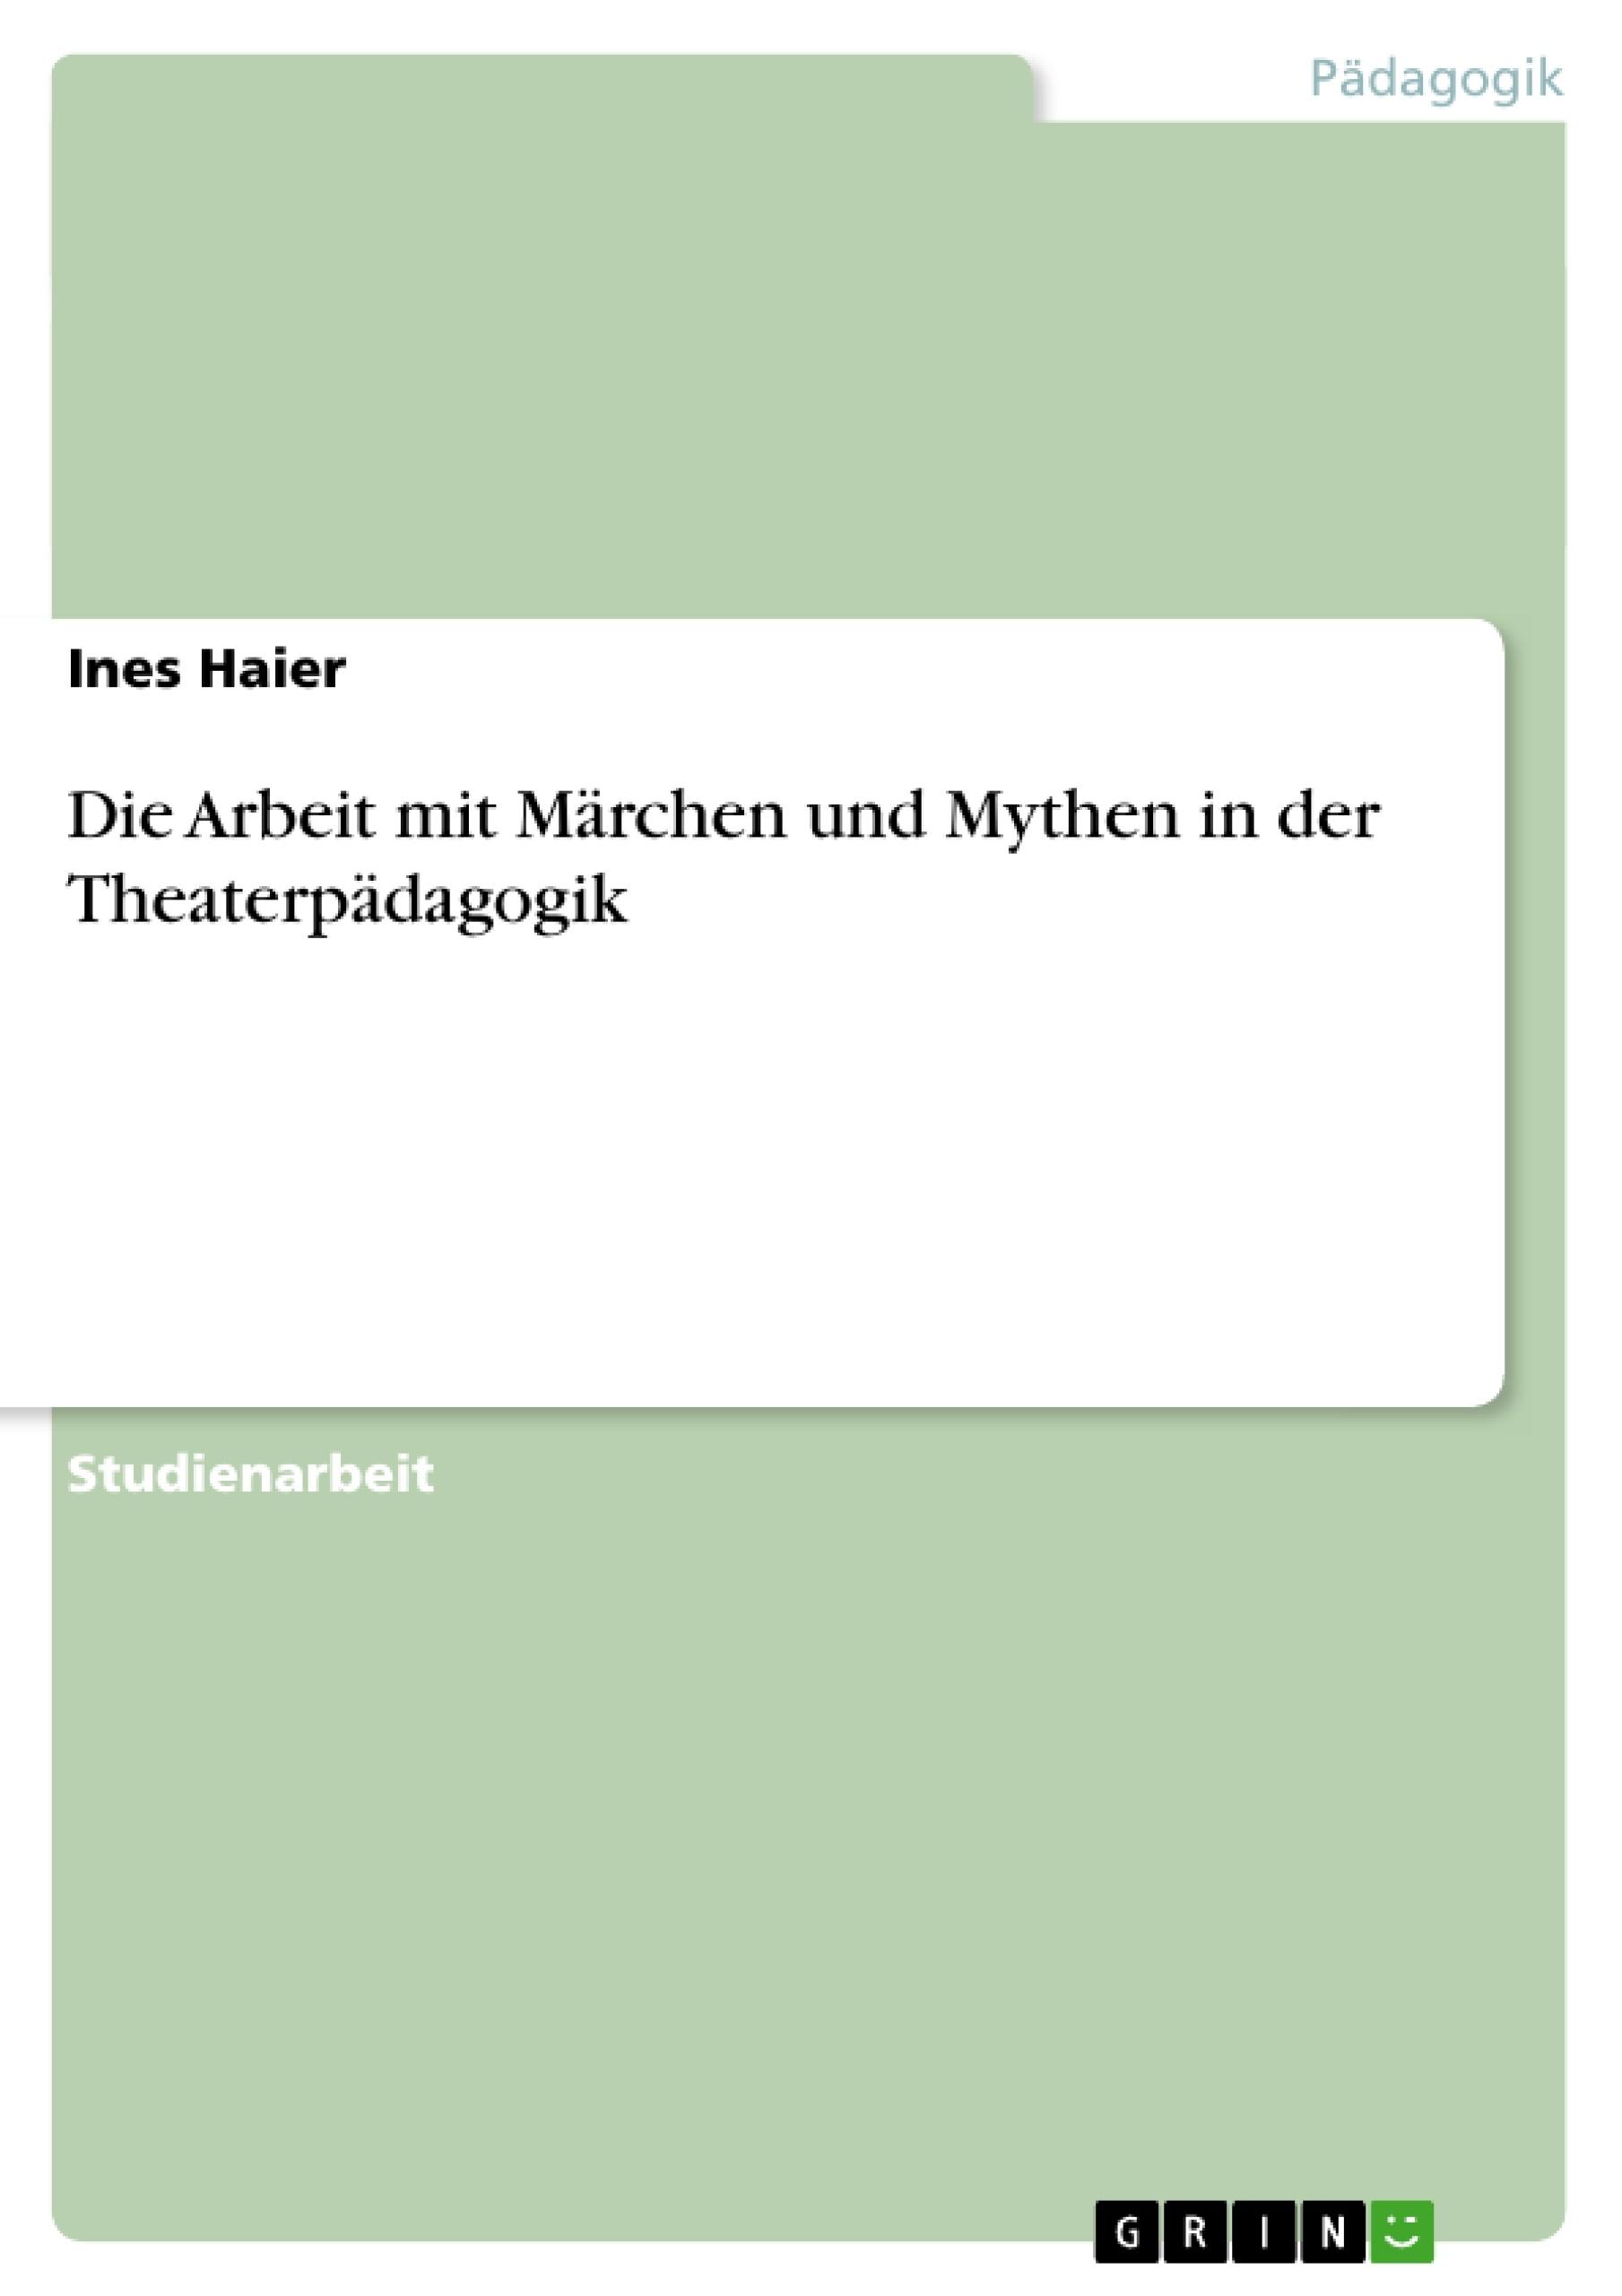 Titel: Die Arbeit mit Märchen und Mythen in der Theaterpädagogik